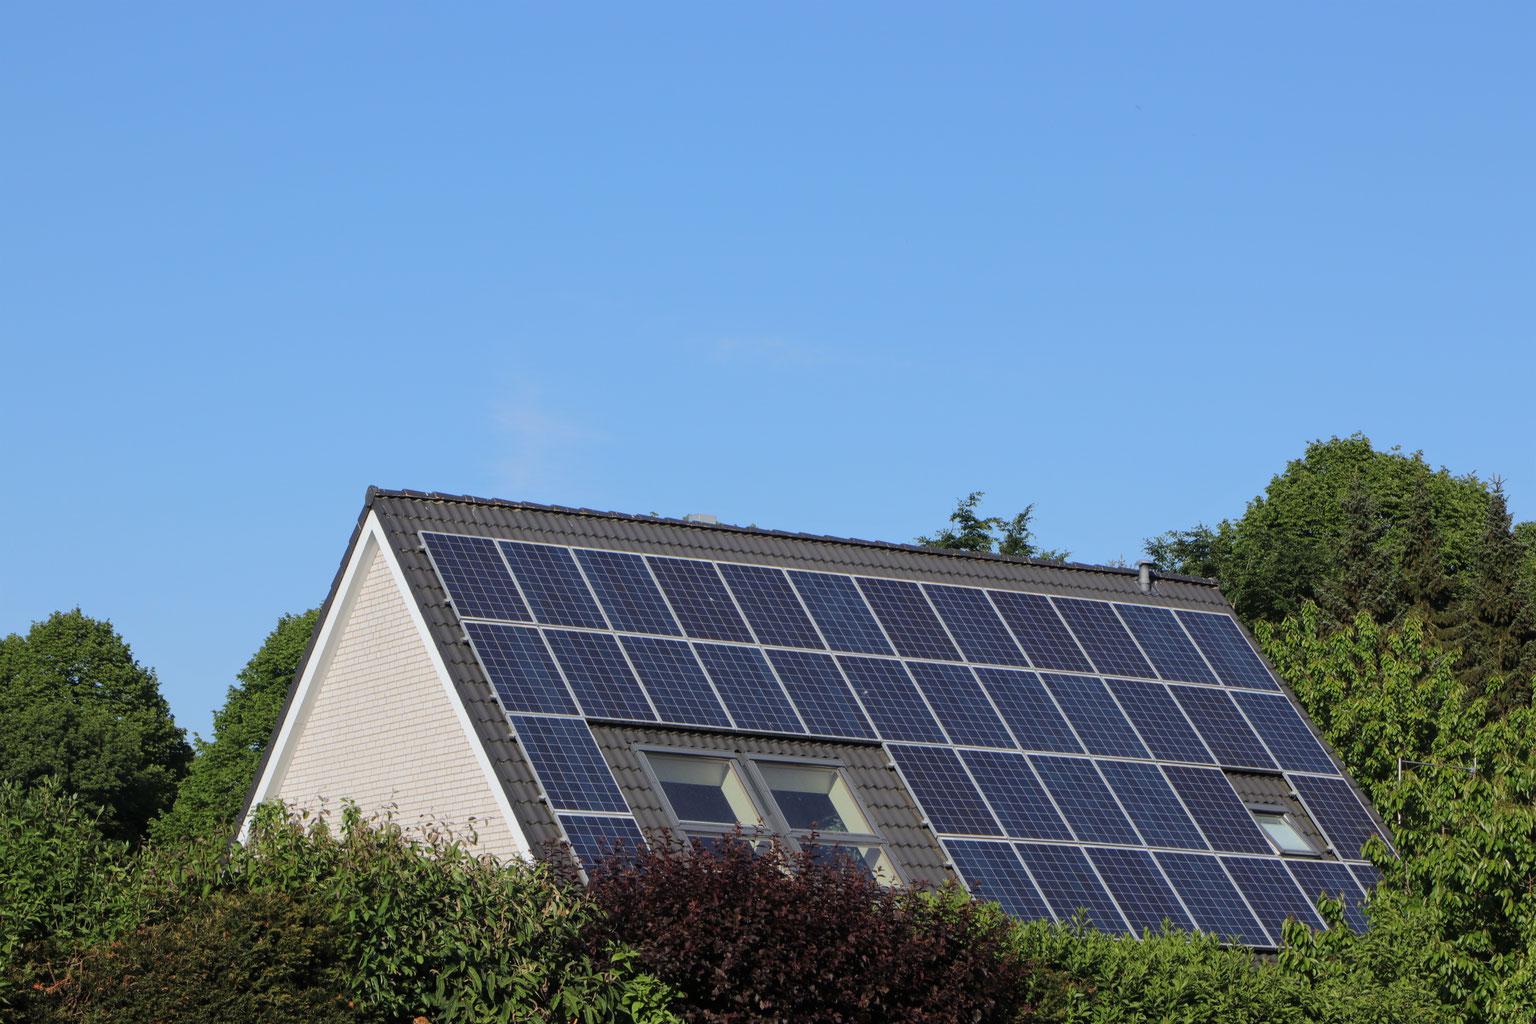 photovoltaik anlage mit speicher kompetenzzentrum energie. Black Bedroom Furniture Sets. Home Design Ideas